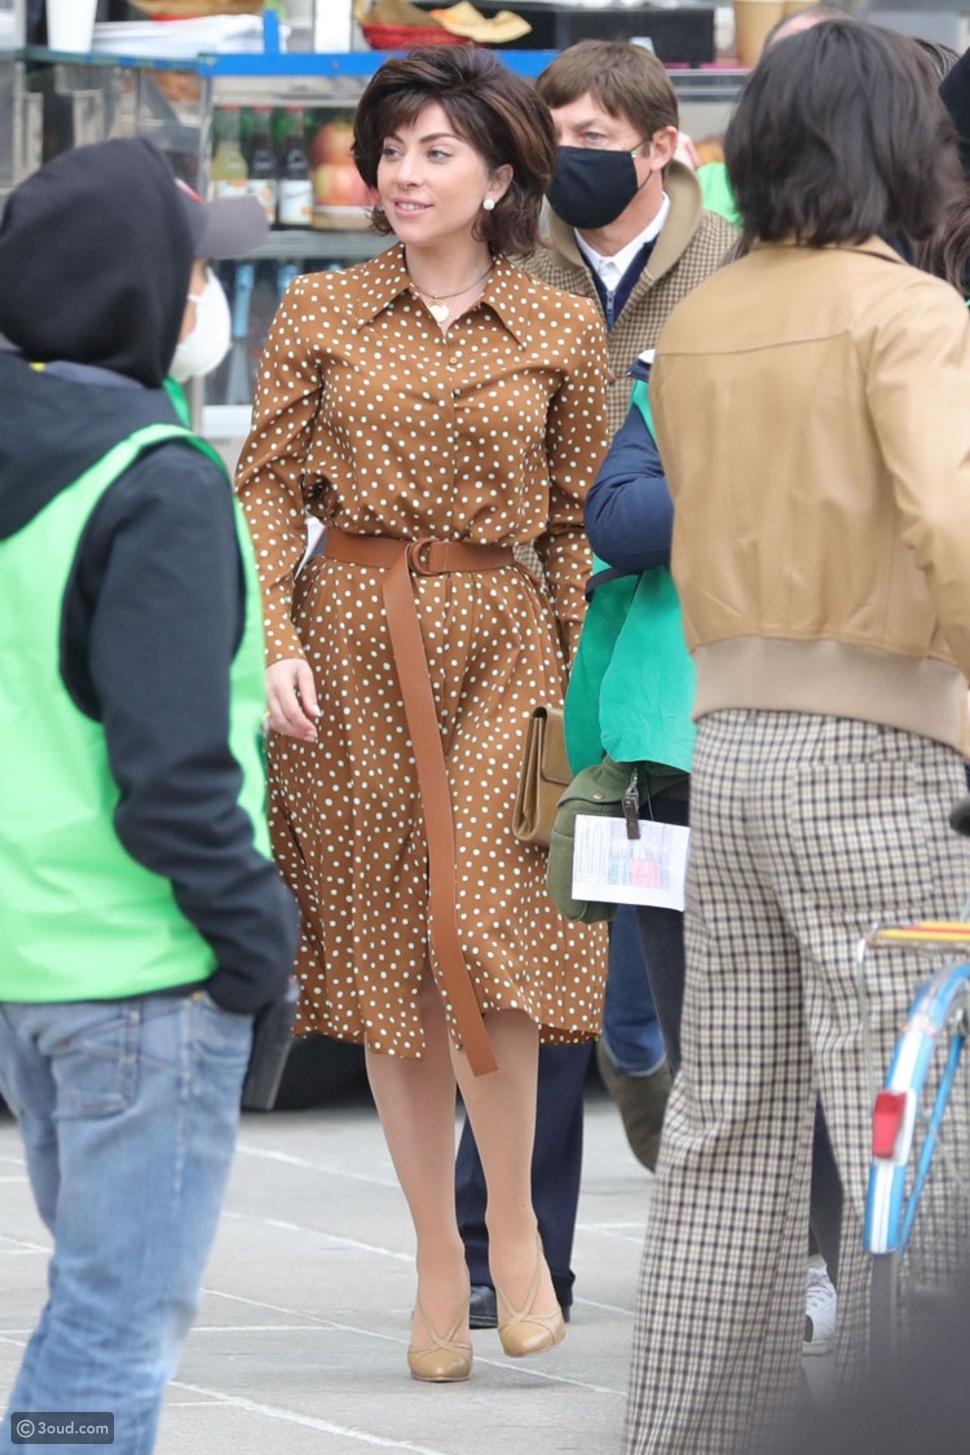 ليدي جاجا بأزياء الثمانينيات الأنيقة من أجل House of Gucci